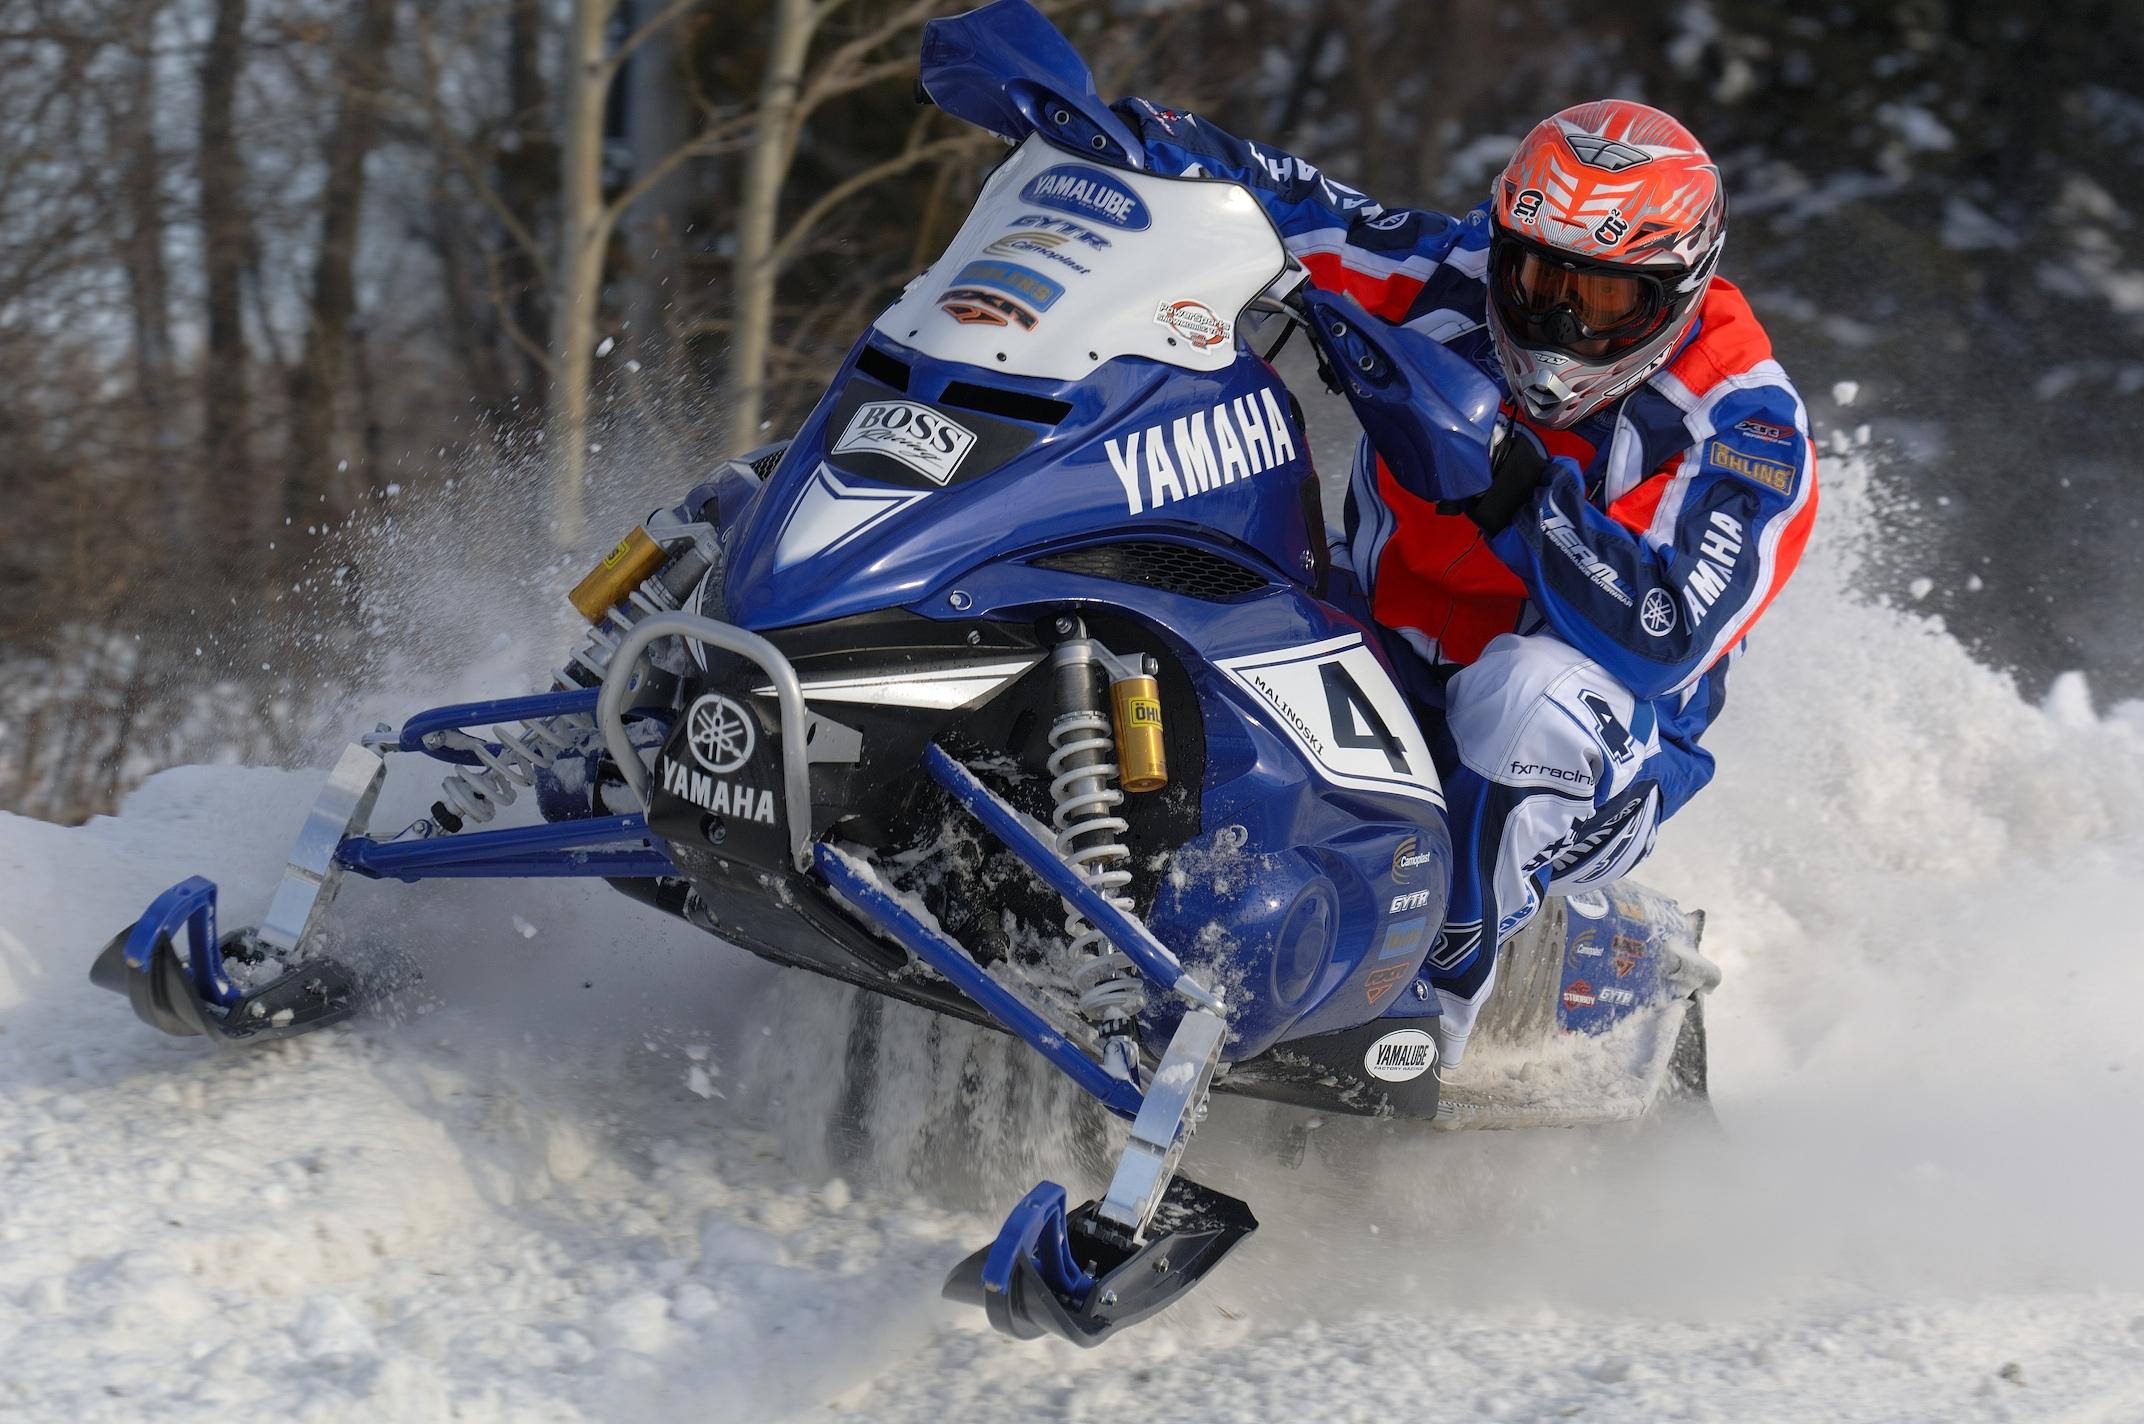 Yamaha nytro snowmobile winter sled snow race racing f for Yamaha snow mobiles